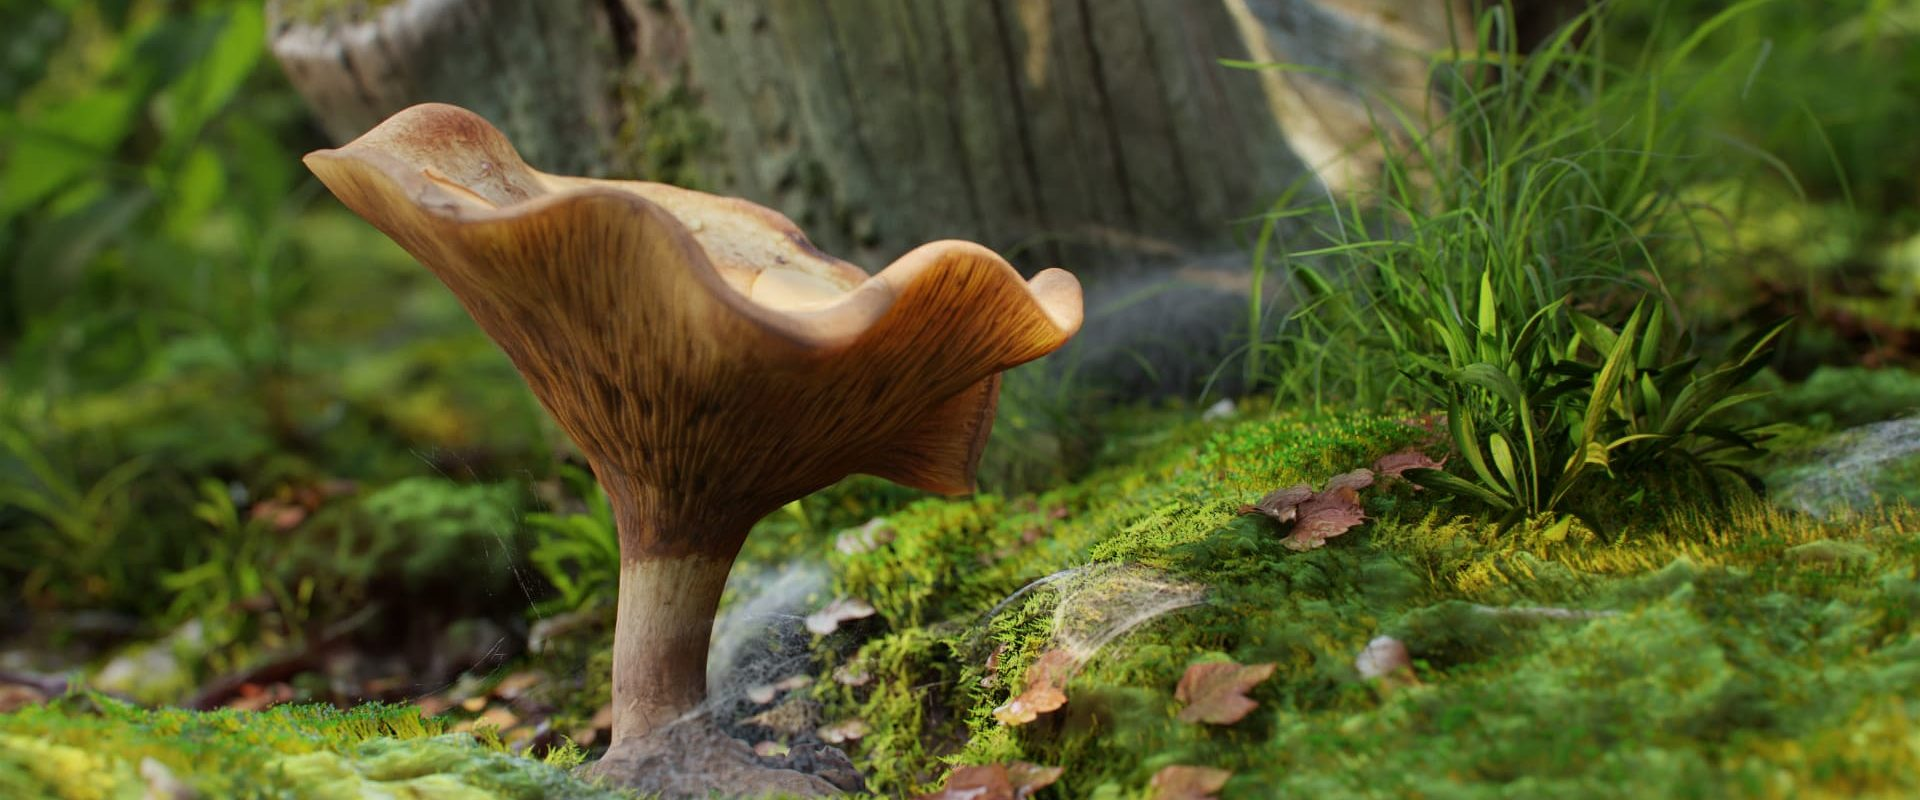 mushroom_14_03